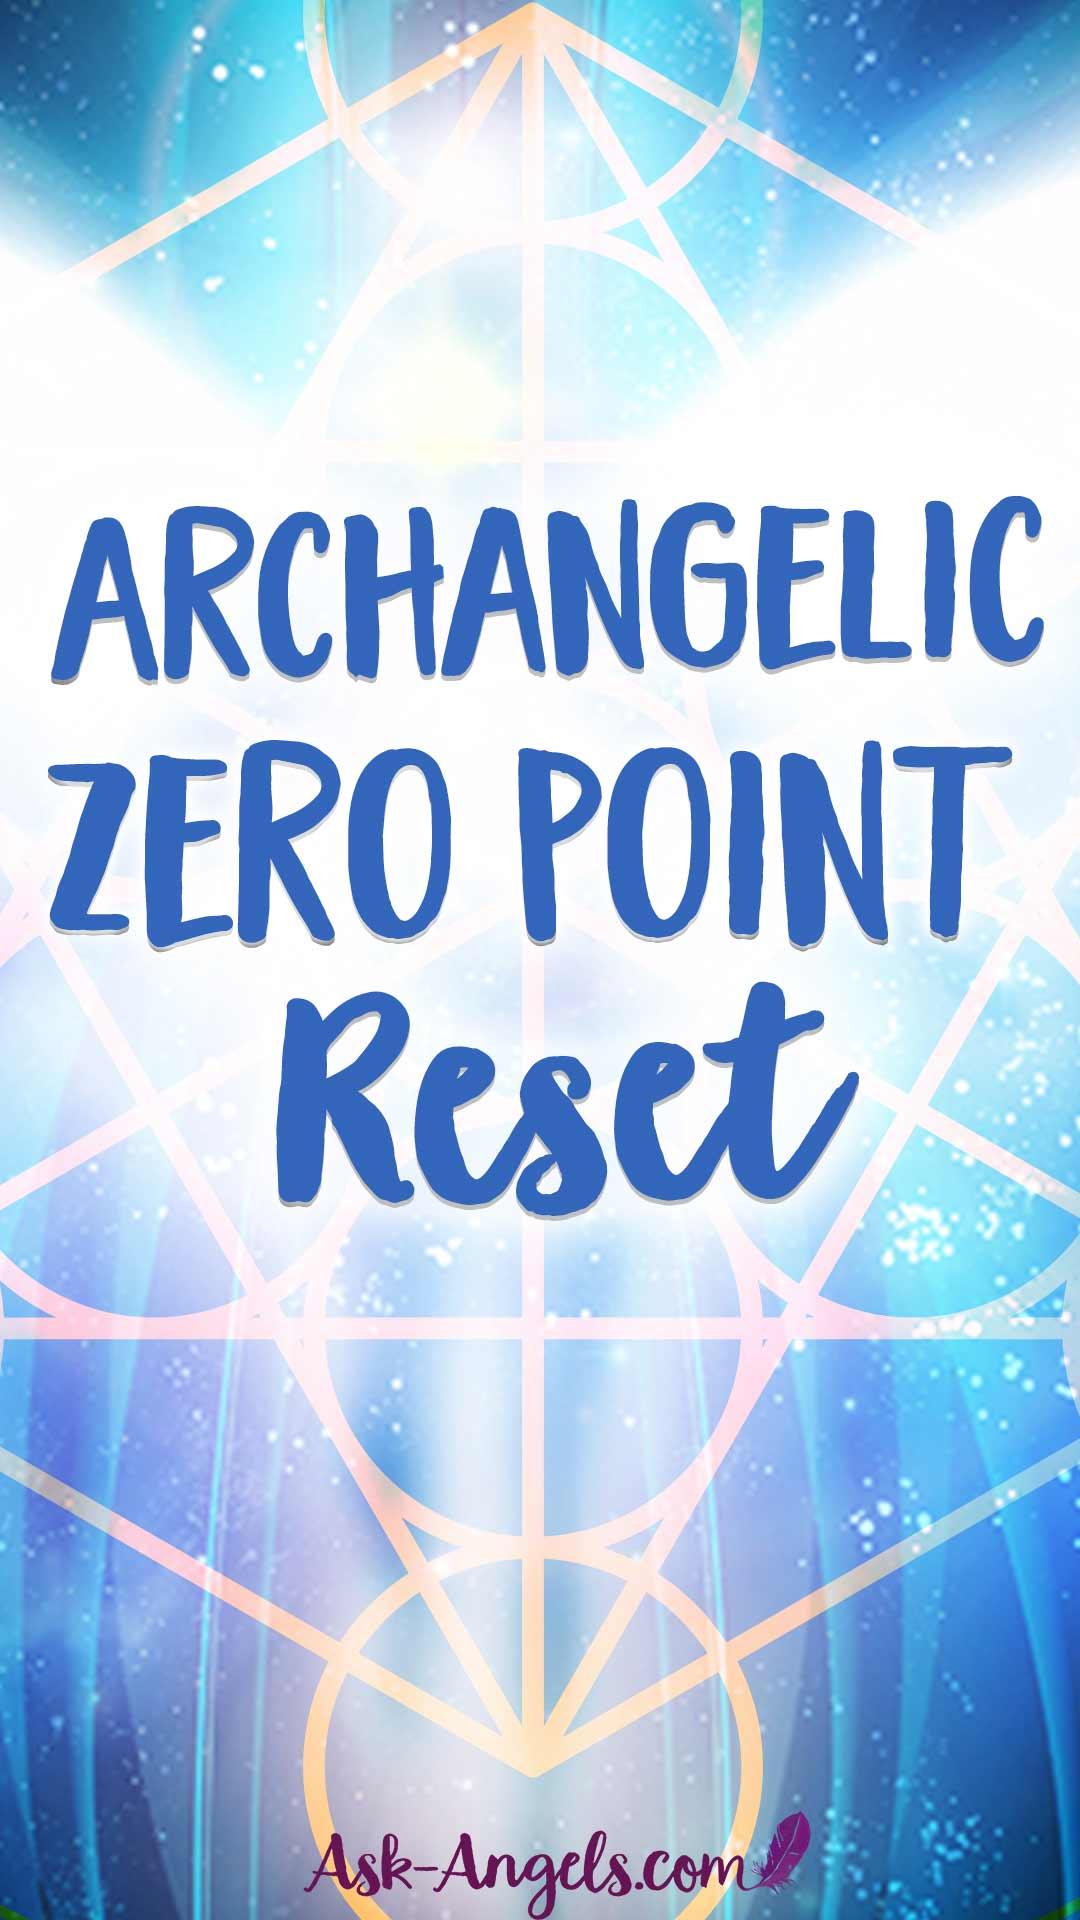 Archangelic Zero Point Reset